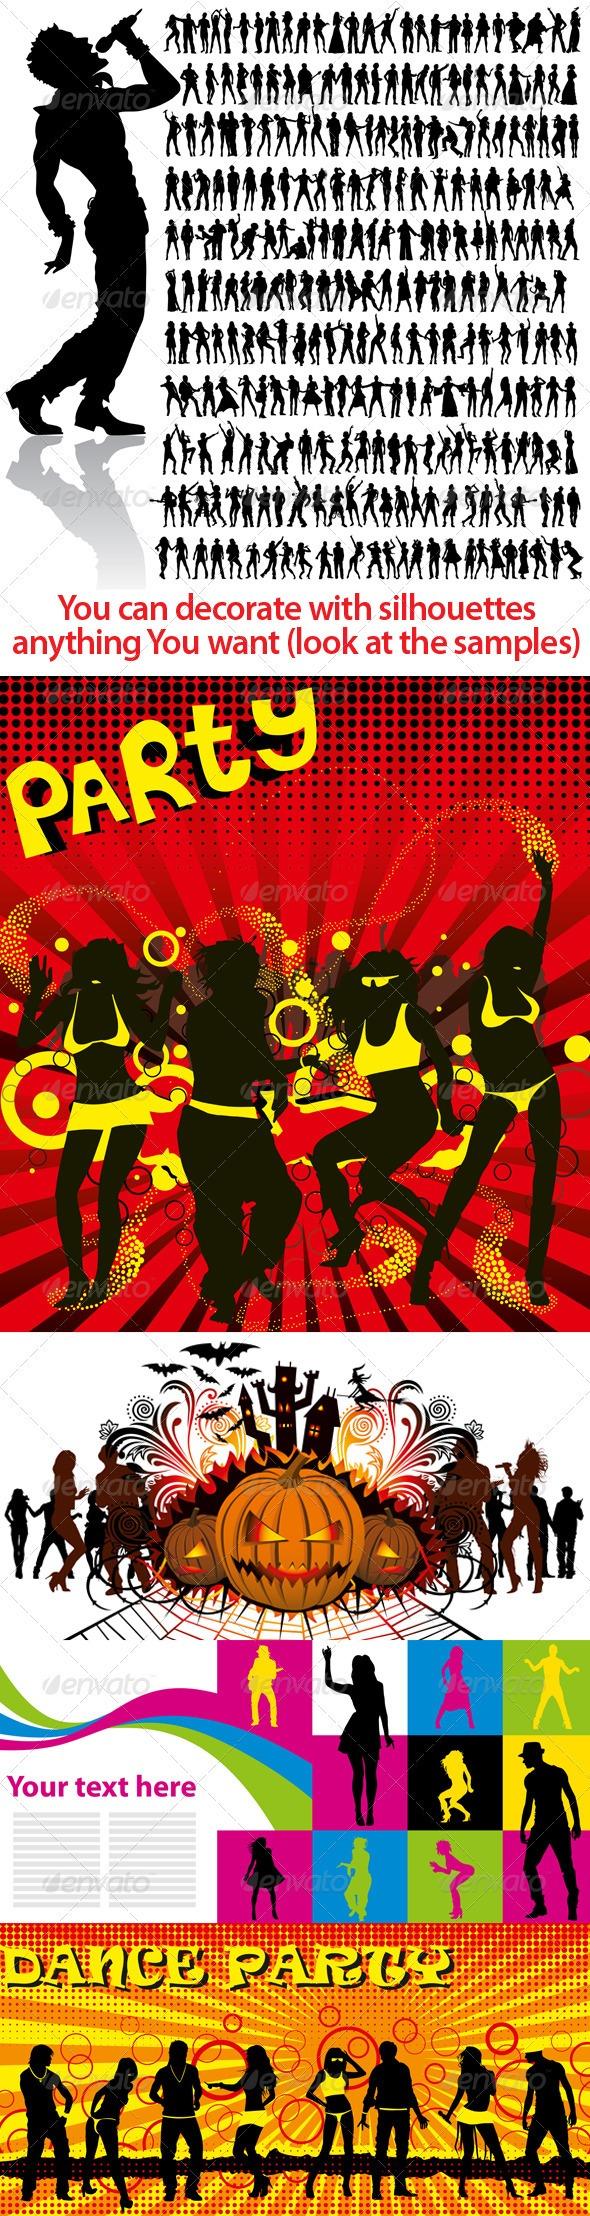 siluetas-gente-bailando